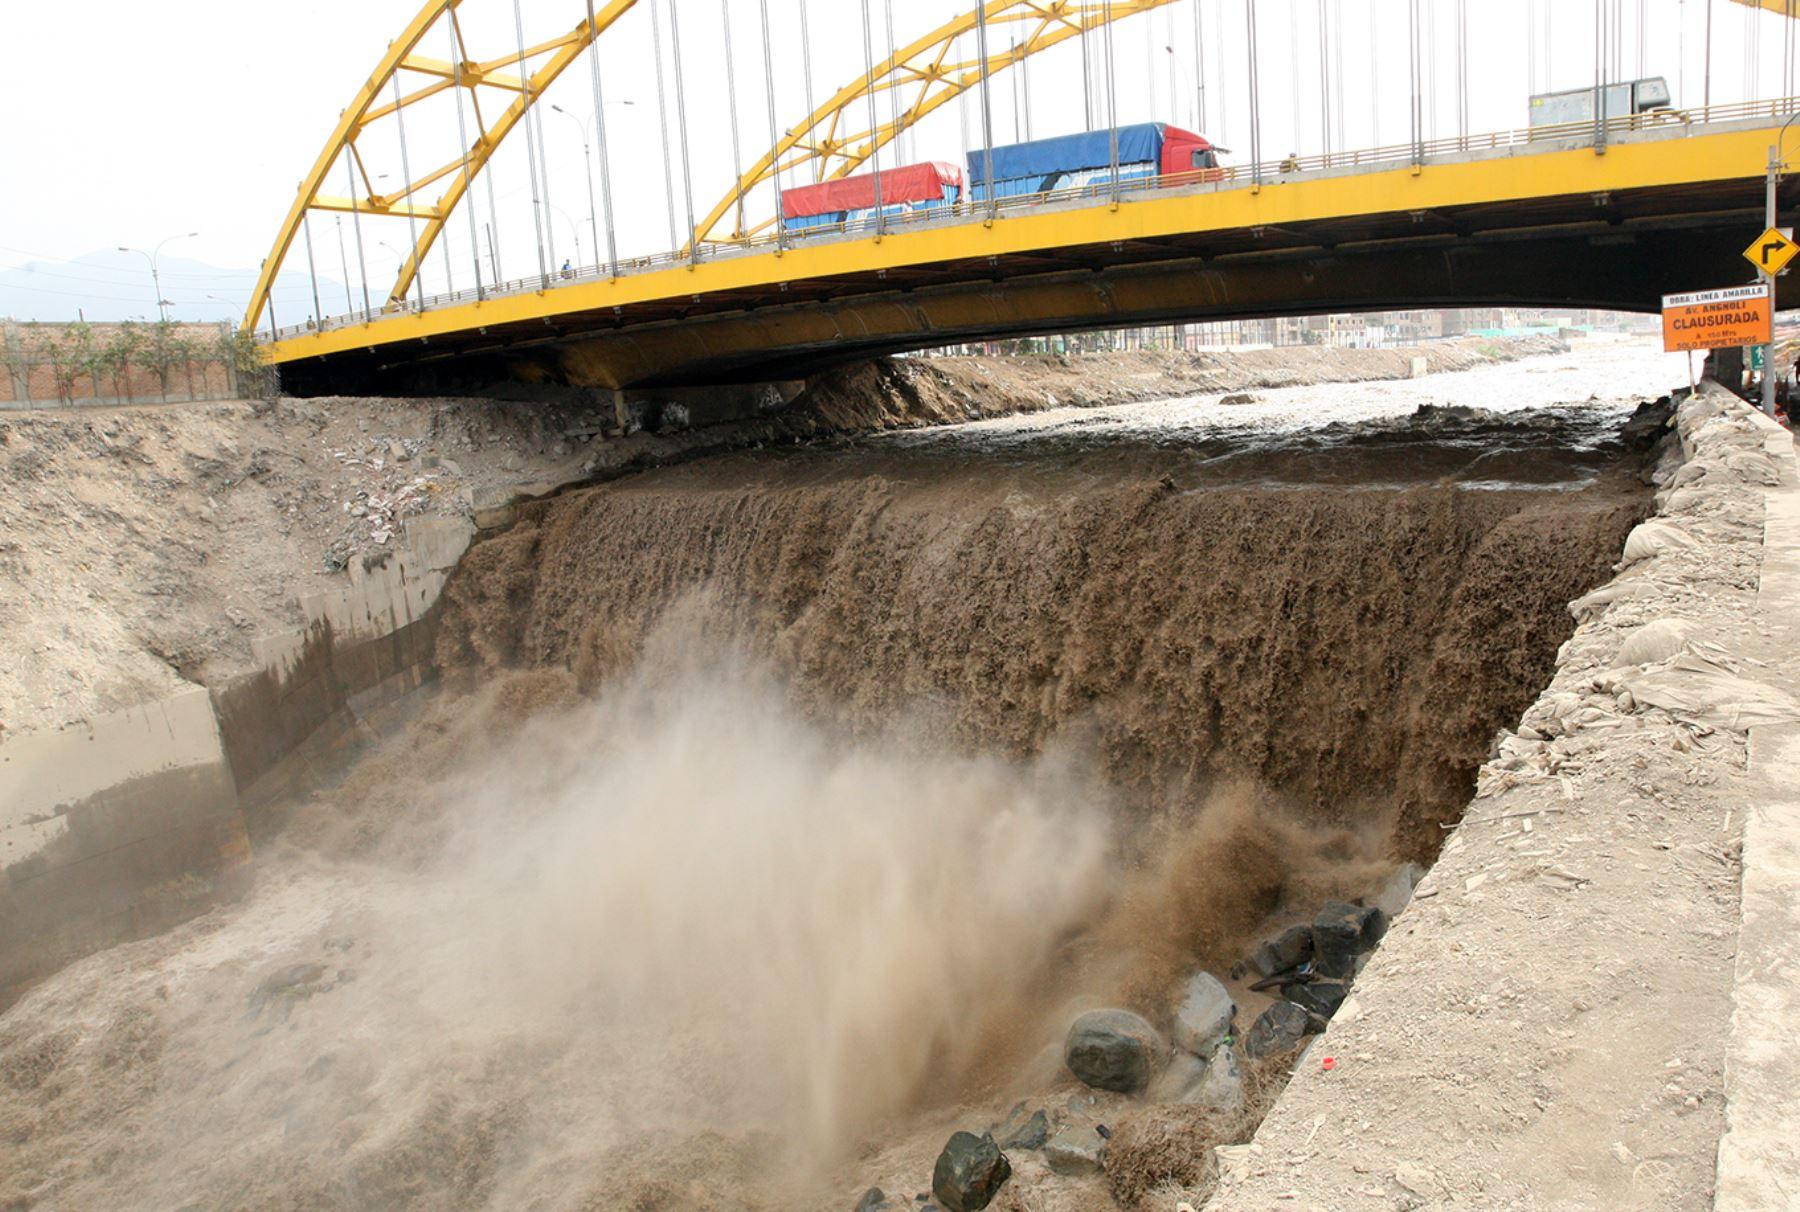 LIMA PERÚ, ENERO 26. Aumenta el caudal del Rio Rimac, tras las lluvias en la capital. Foto: ANDINA/Melina Mejía